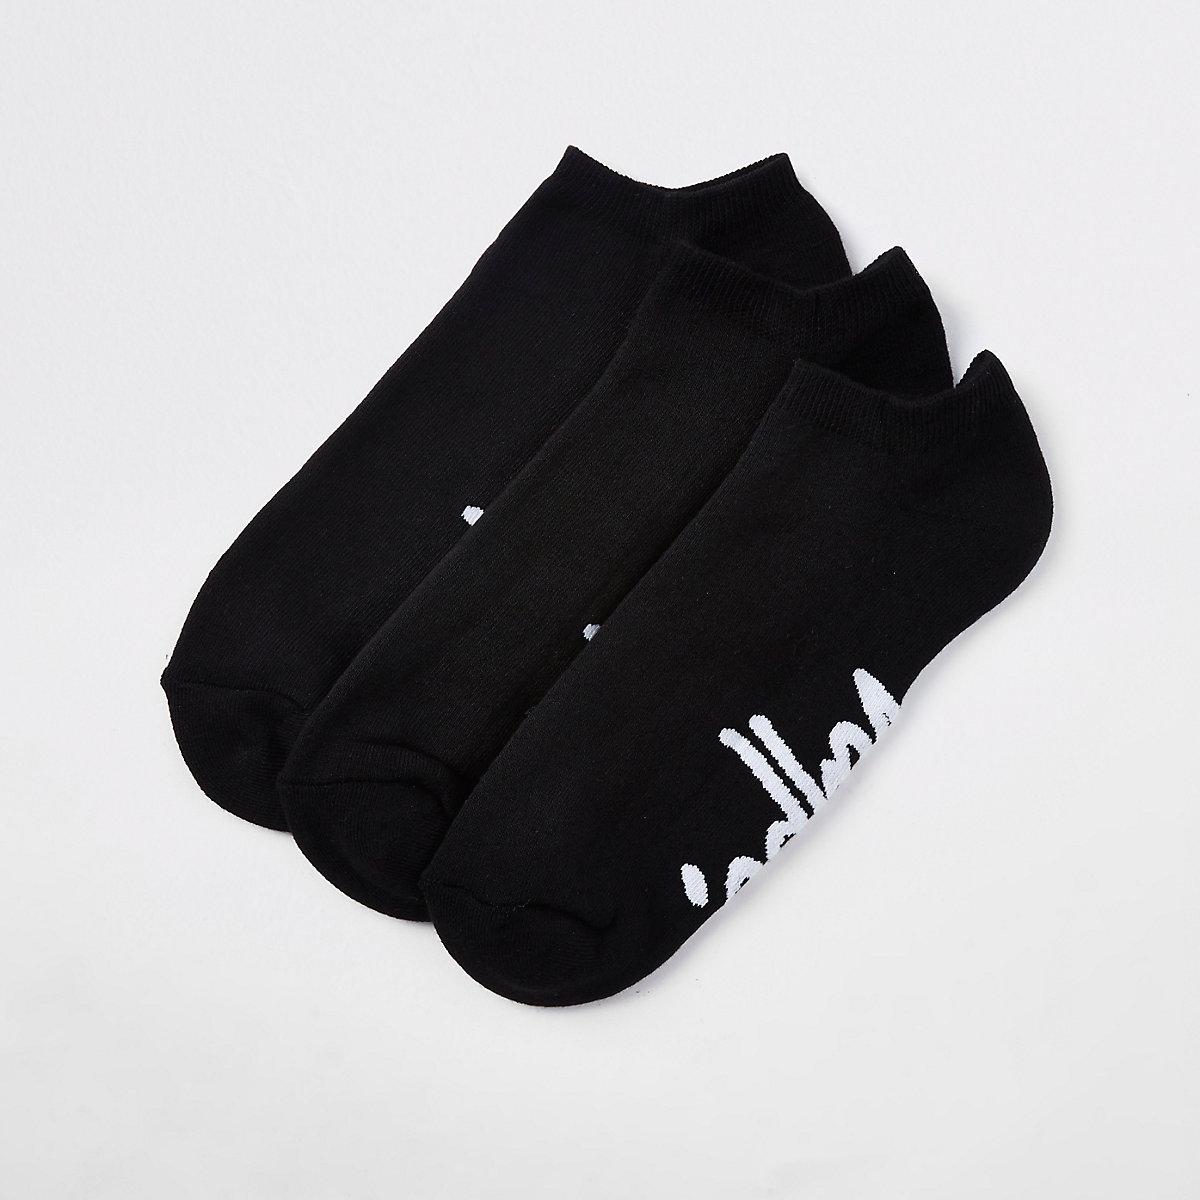 Hype black sneaker socks 3 pack